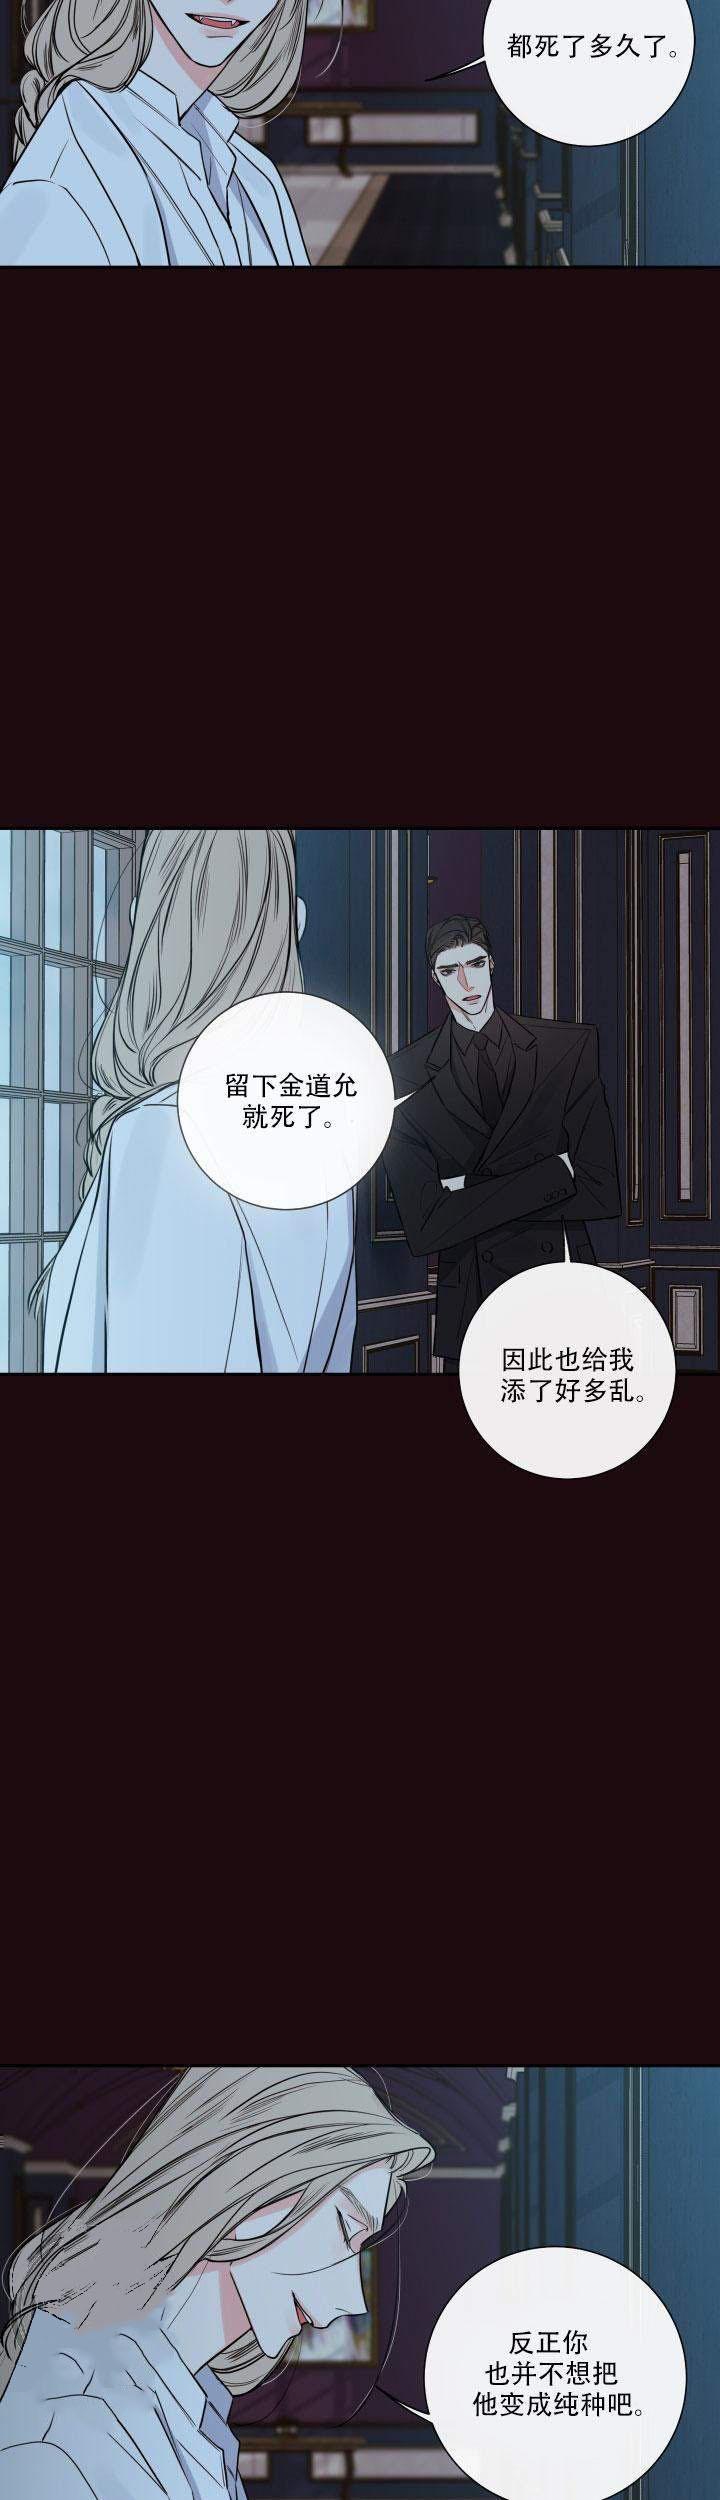 妖精男友-漫画下拉式在线阅读_完整版汉化资源-啵乐漫画